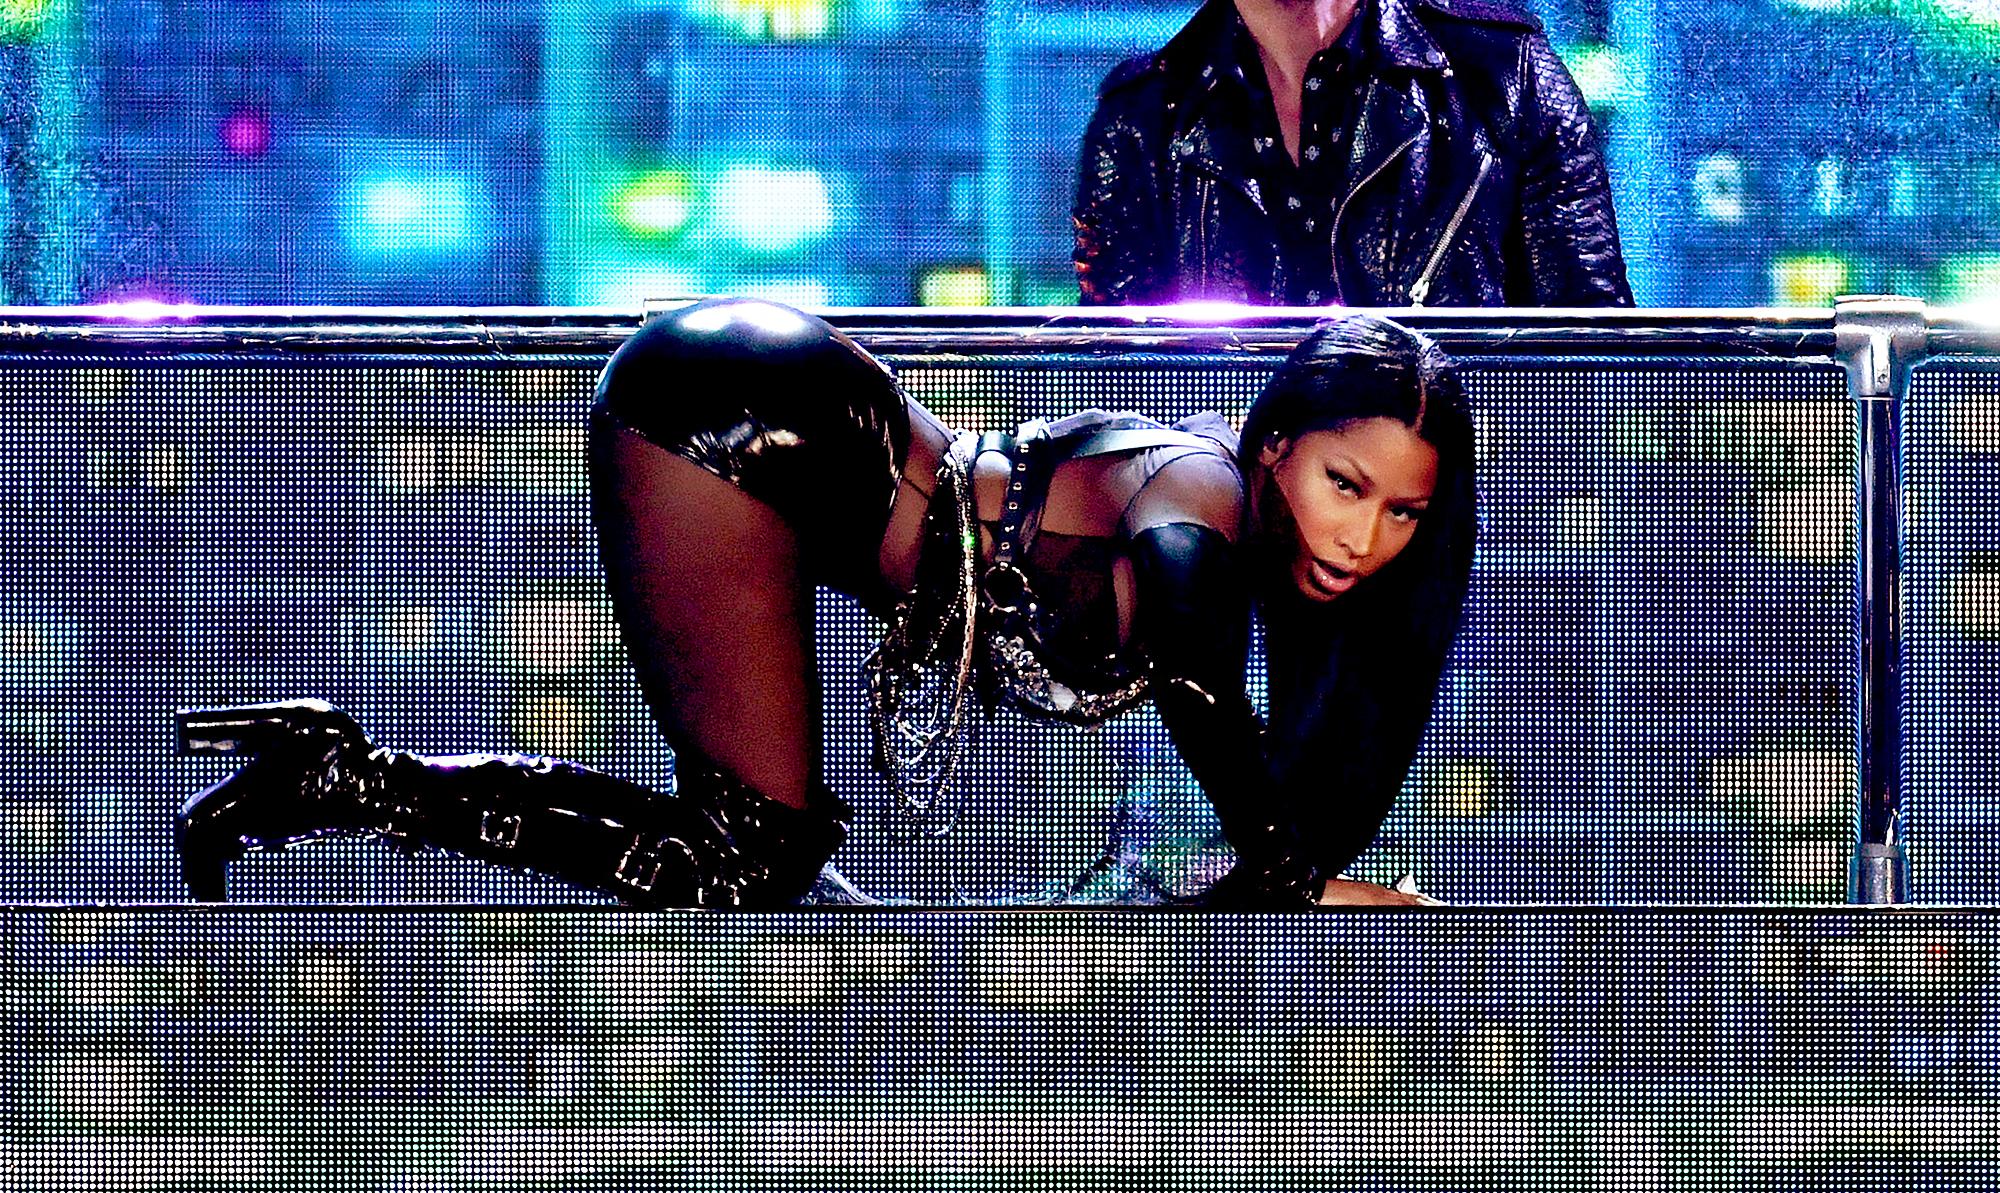 Nicki Minaj Bdsm